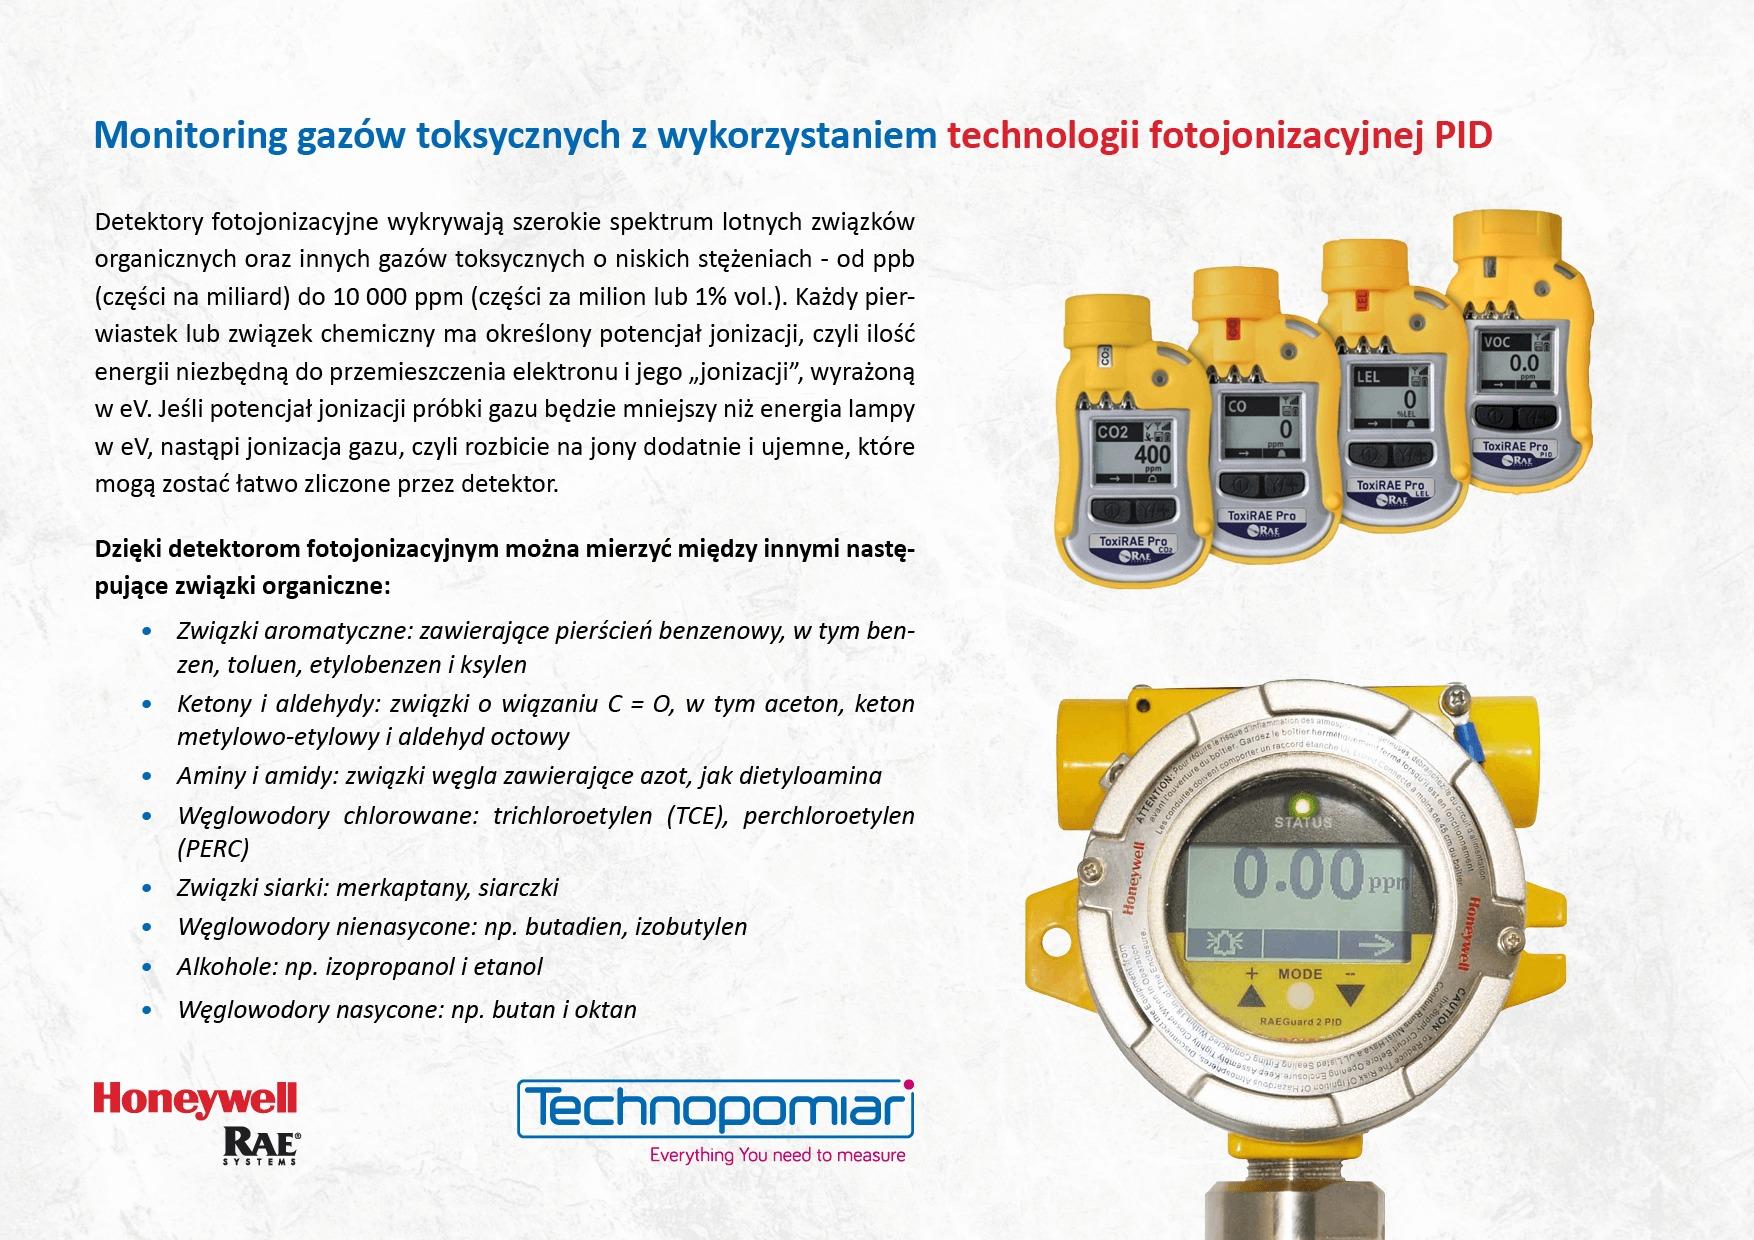 Technologia fotojonizacyjna PID Honeywell RAE Technopomiar